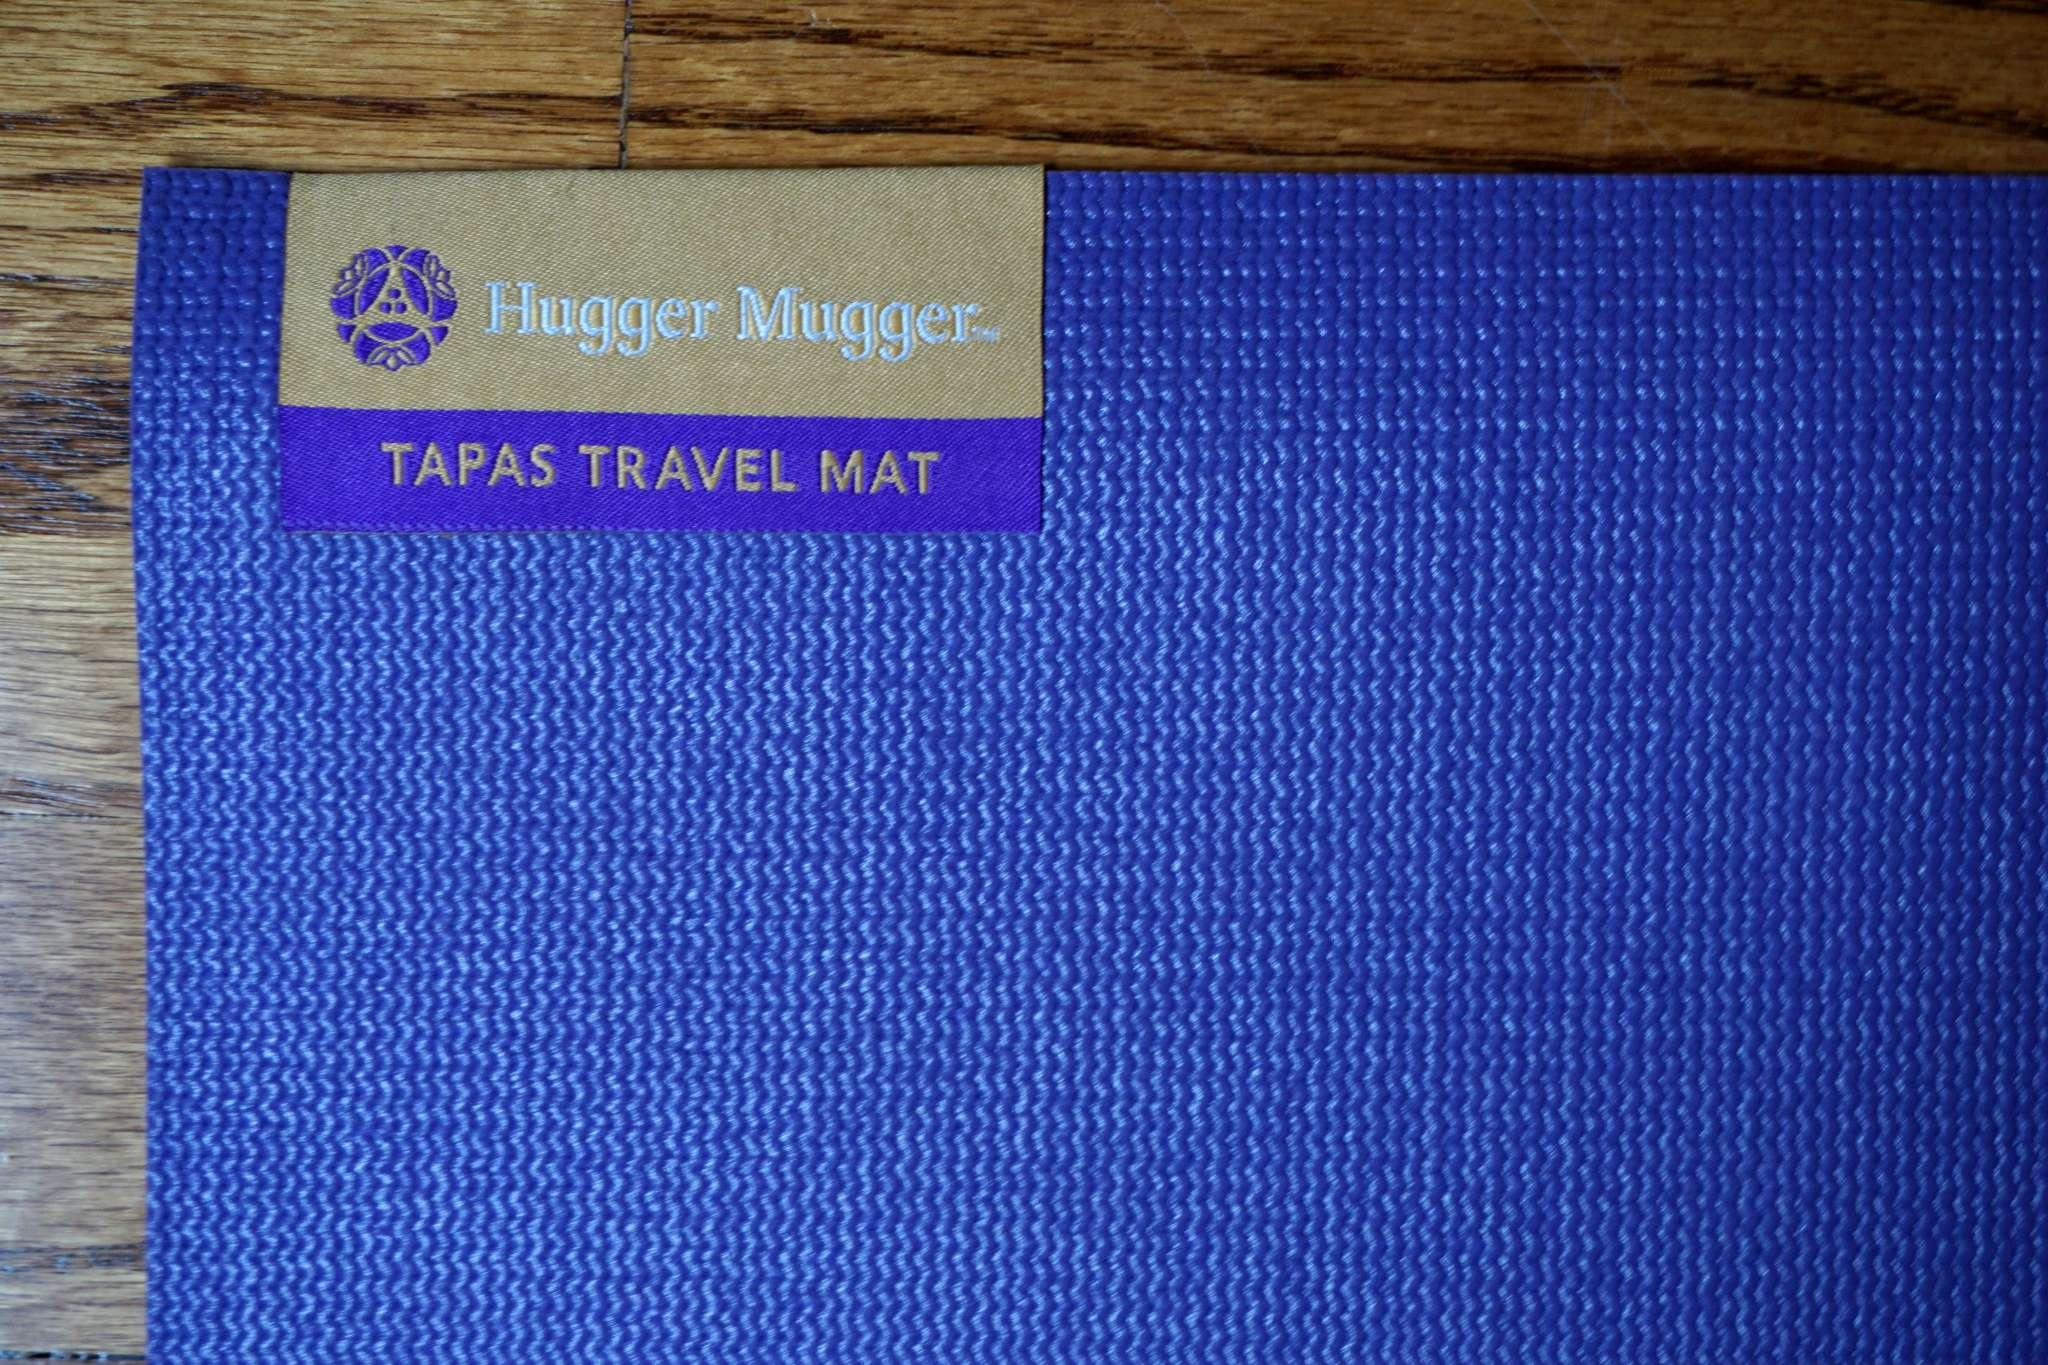 Hugger Mugger Travel Mat